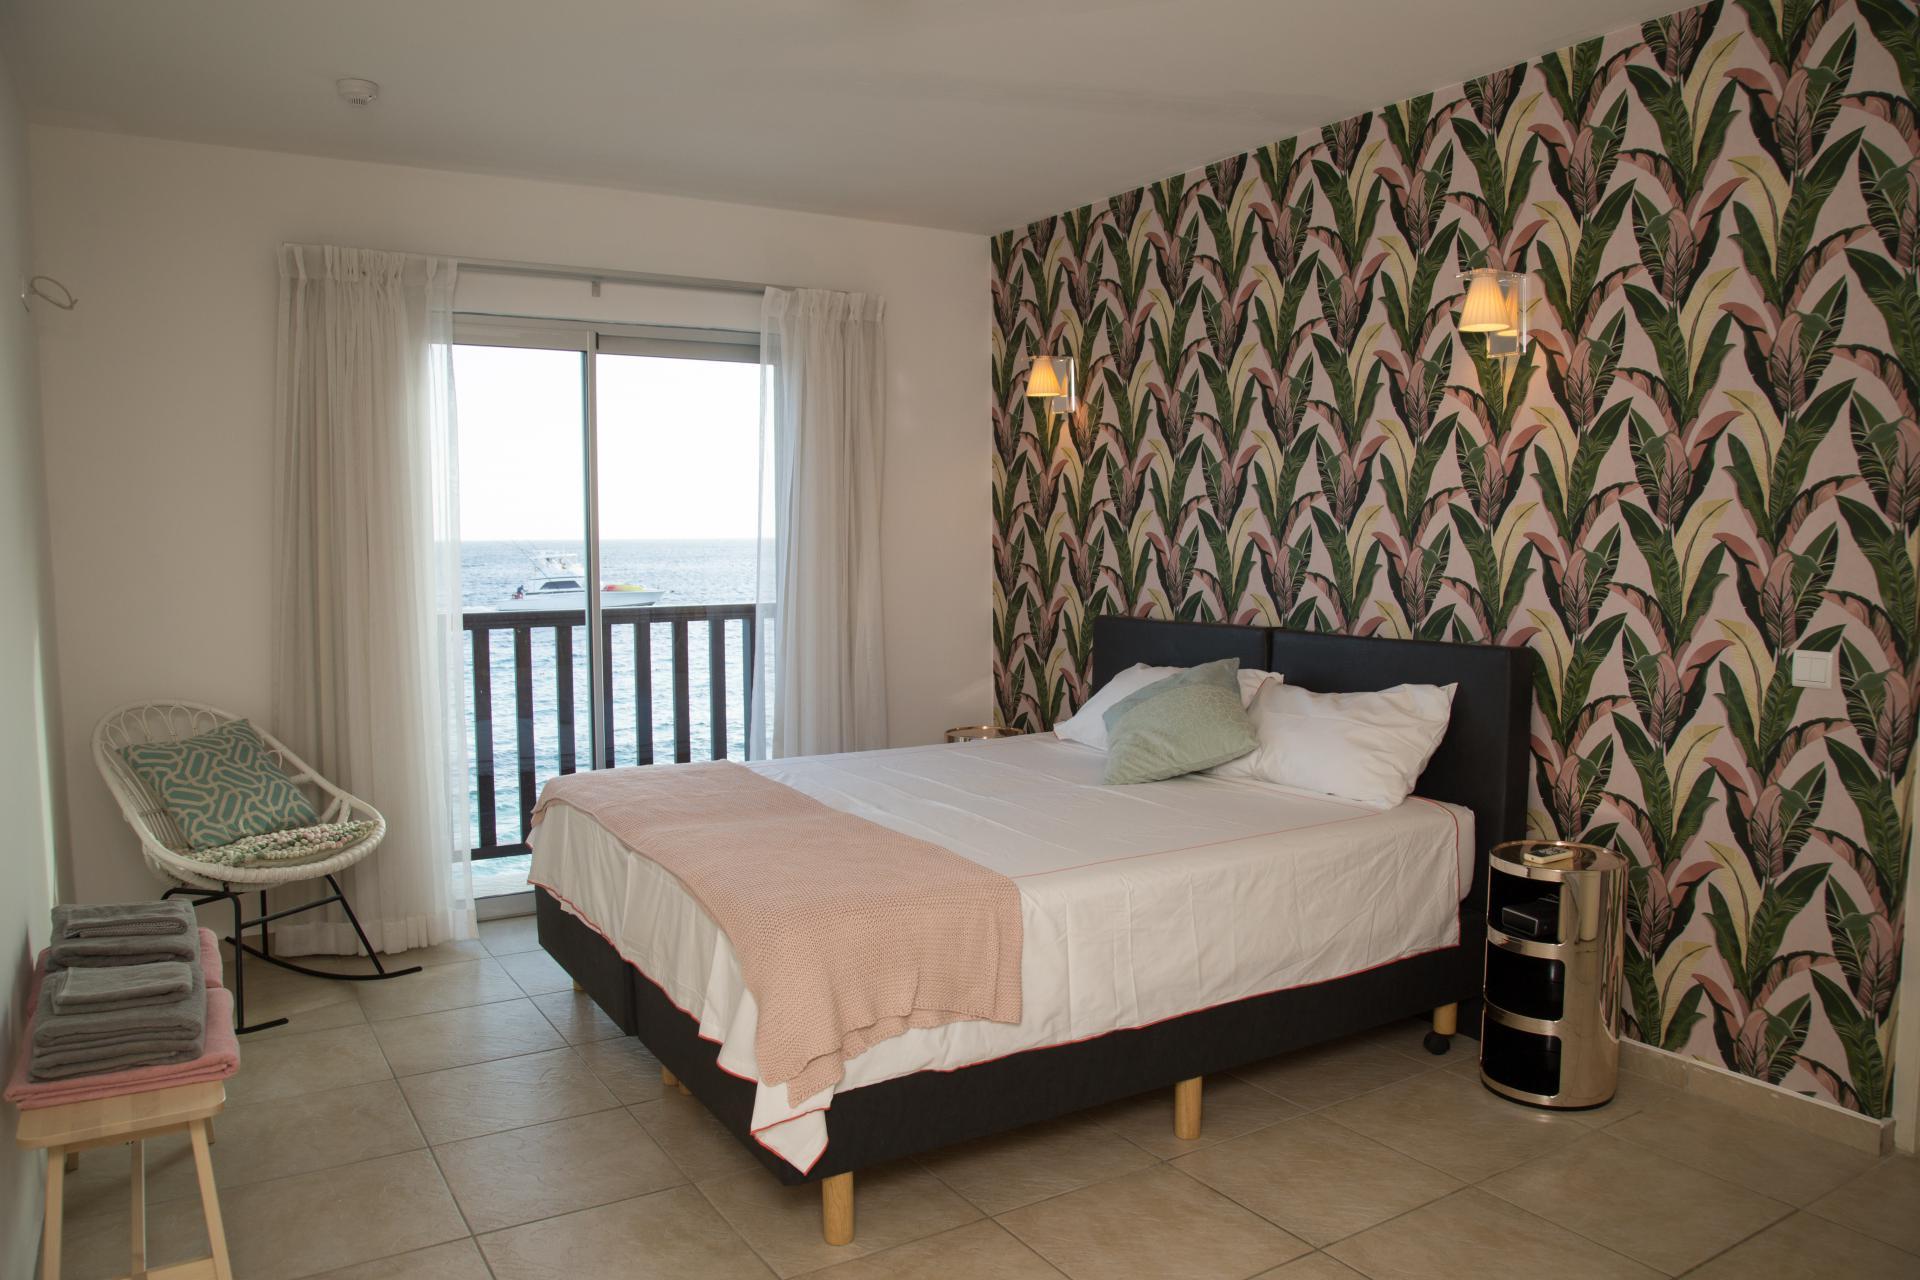 Slaapkamer 2 met ensuite badkamer en zeezicht